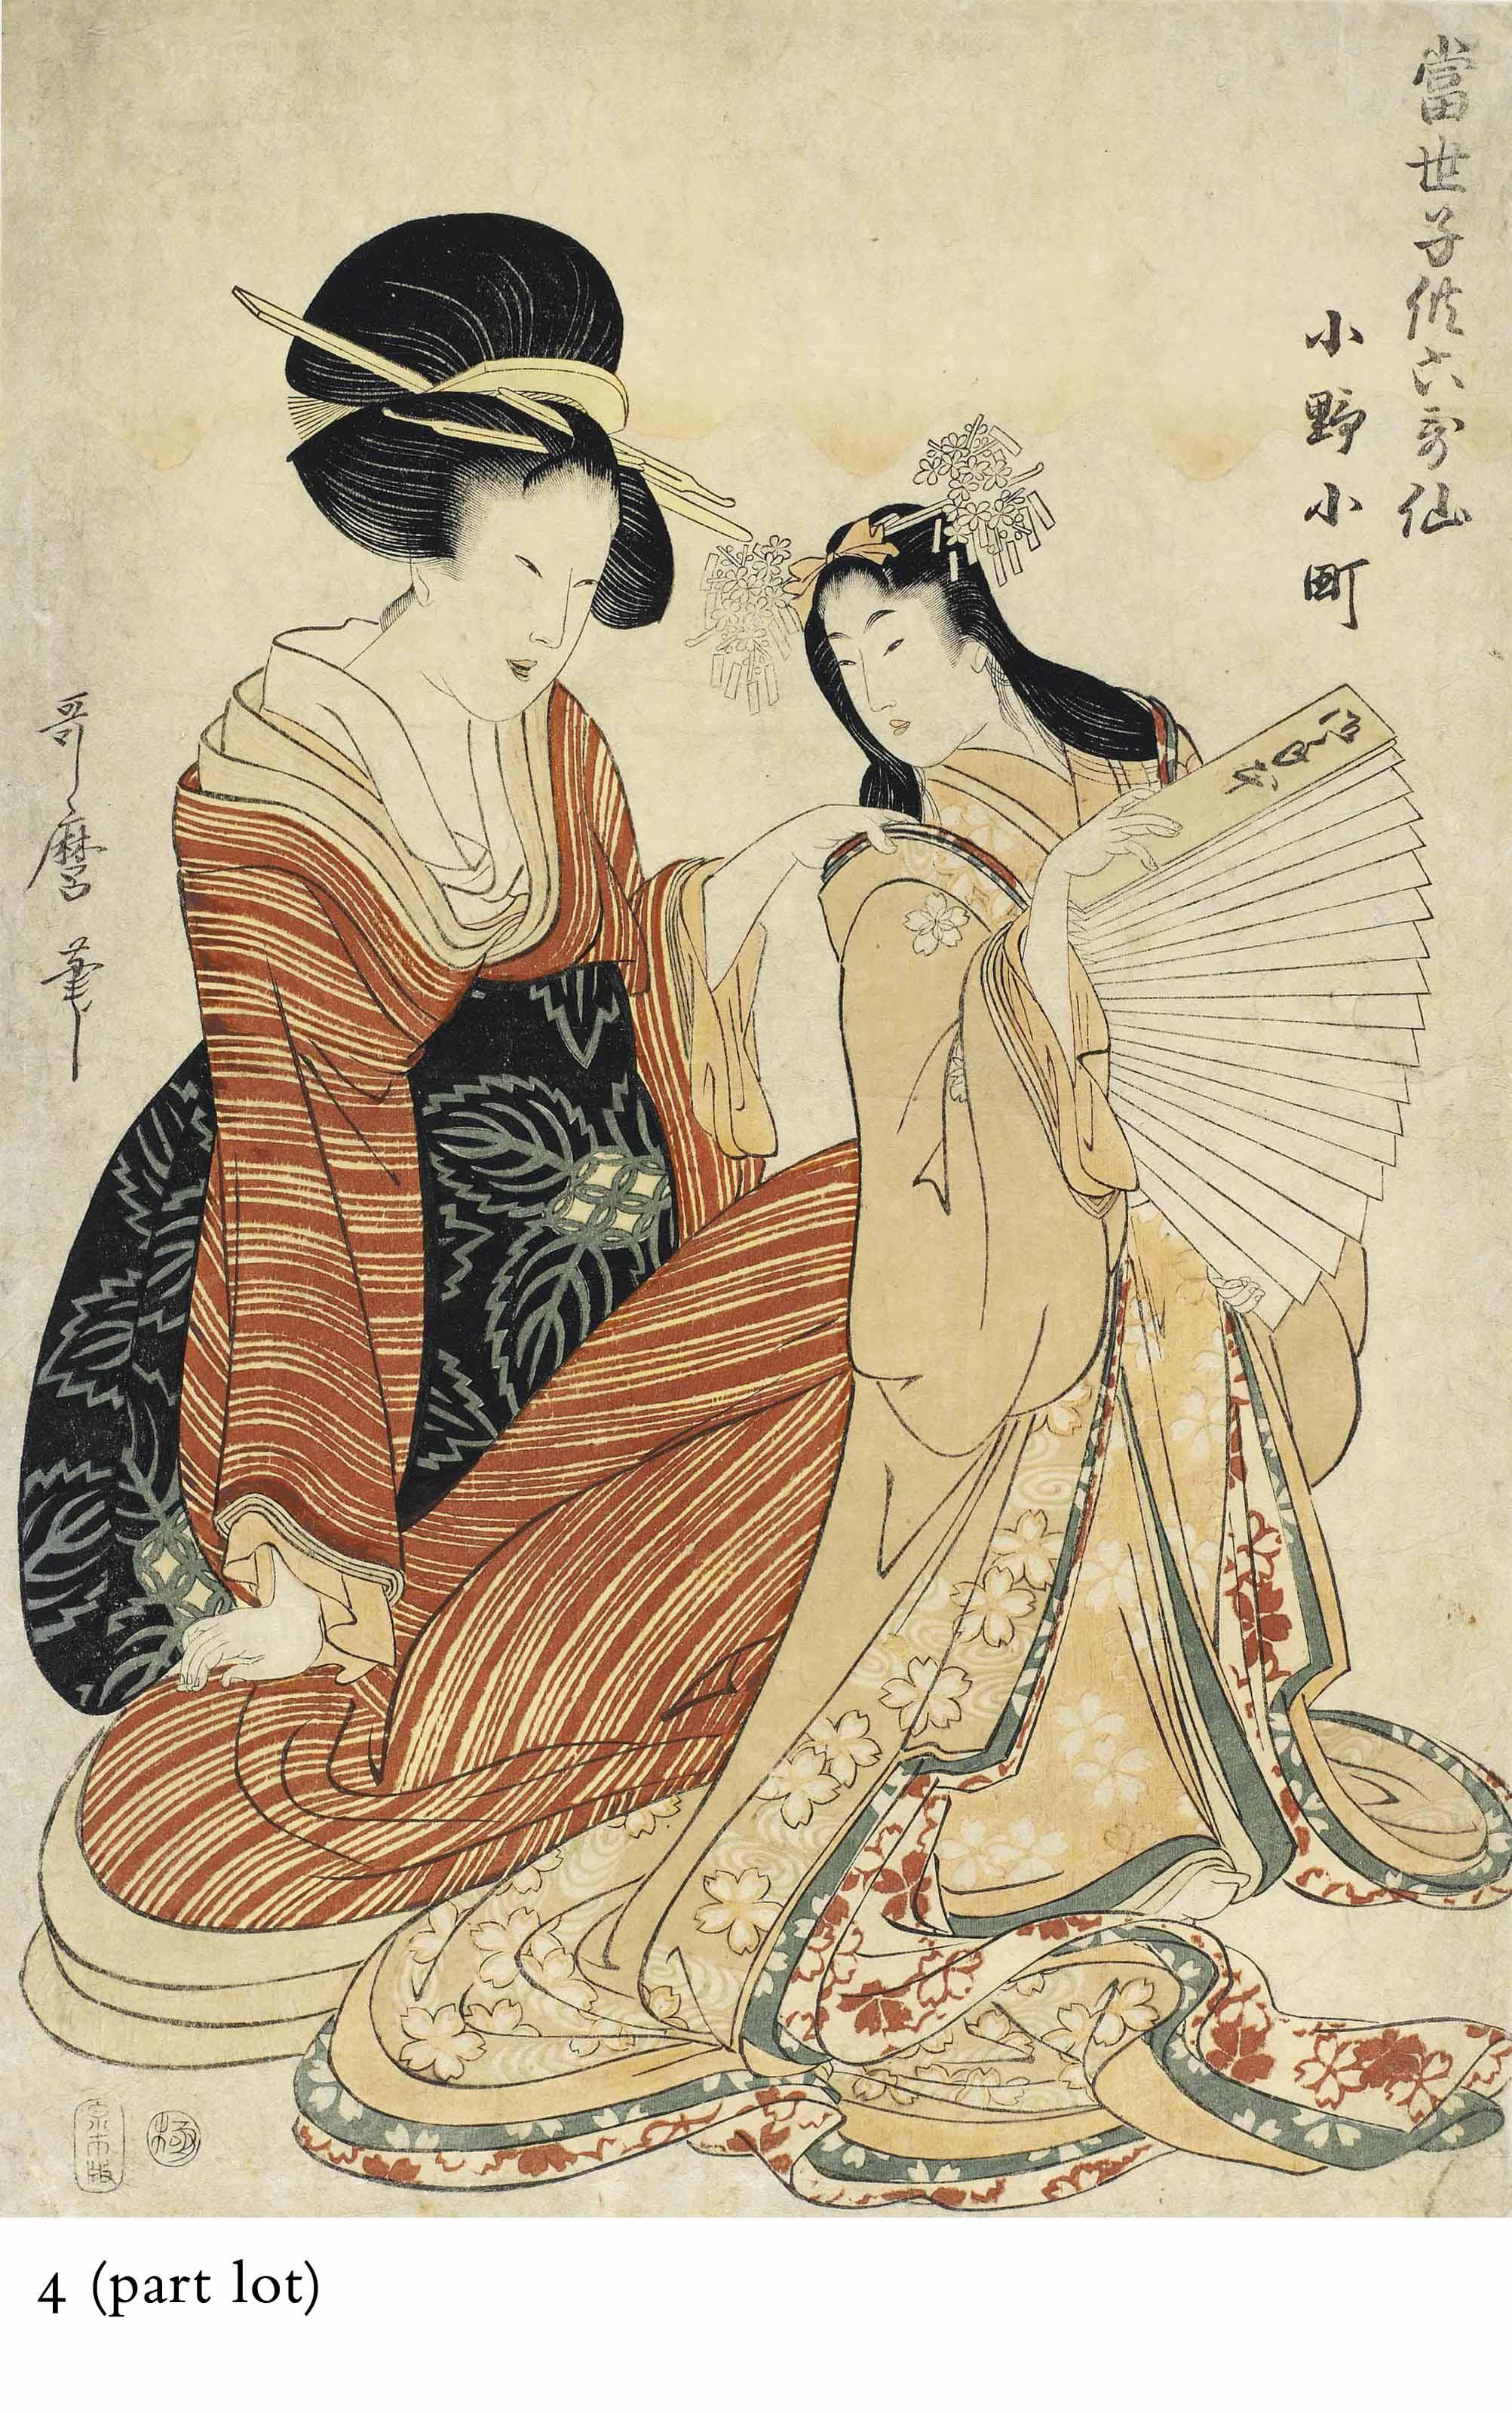 KITAGAWA UTAMARO (1753-1806) AND KITAGAWA UTAMARO II (died 1831)